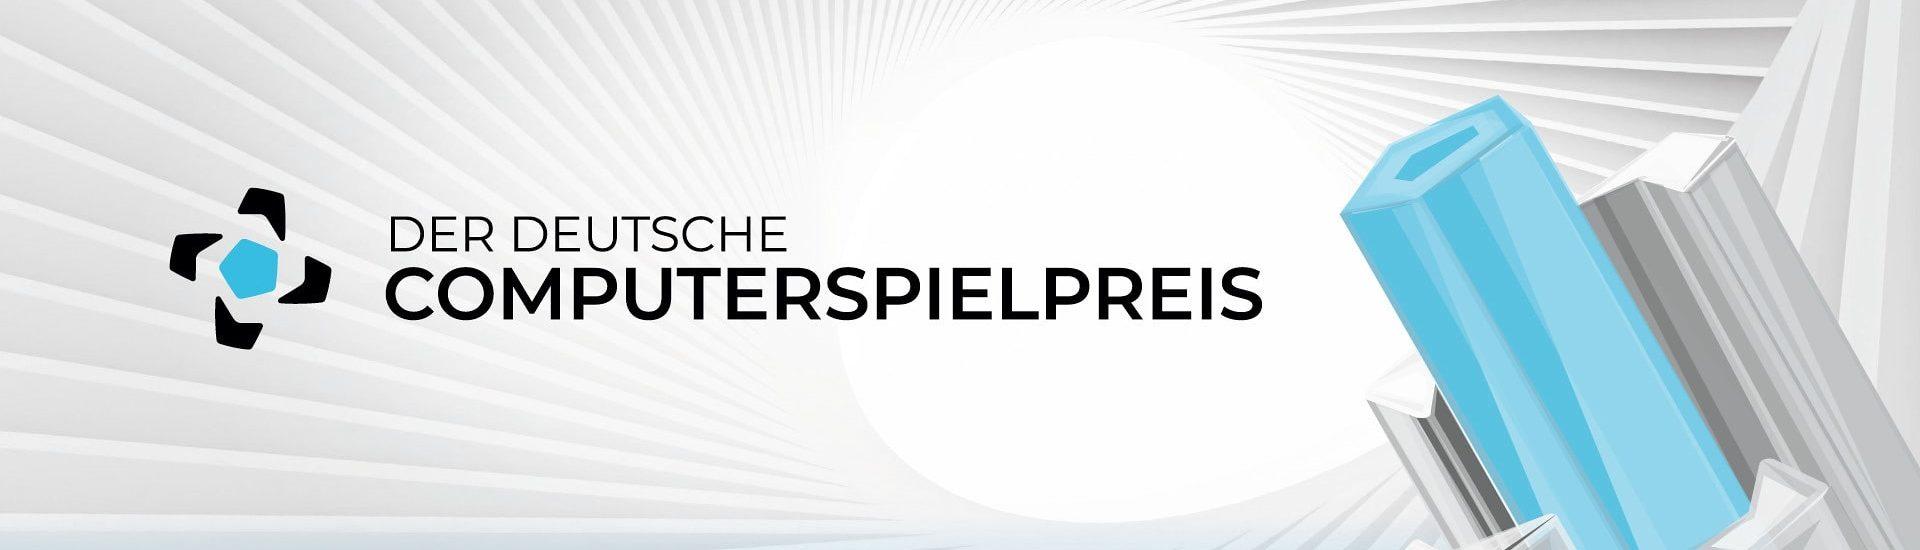 Deutscher Computerspielpreis 2021: Die Nominierten stehen fest